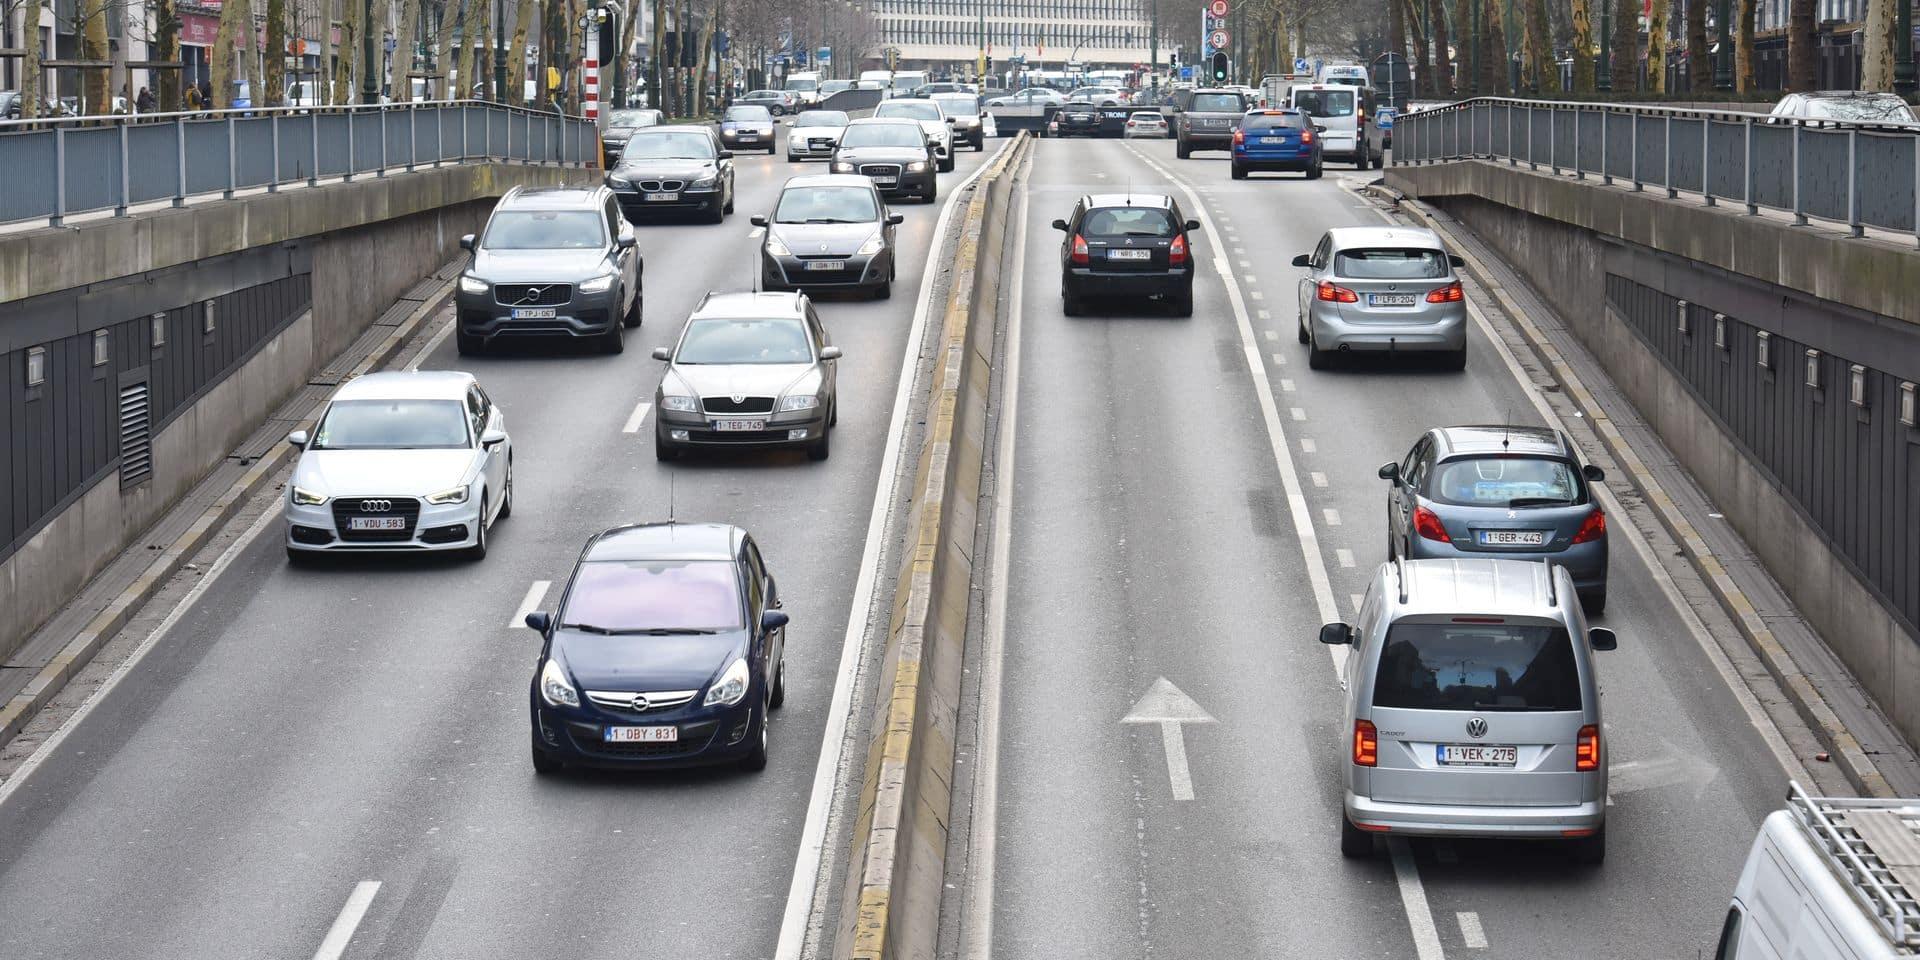 La Cour constitutionnelle confirme la légalité de la zone de basses émissions de la Région bruxelloise